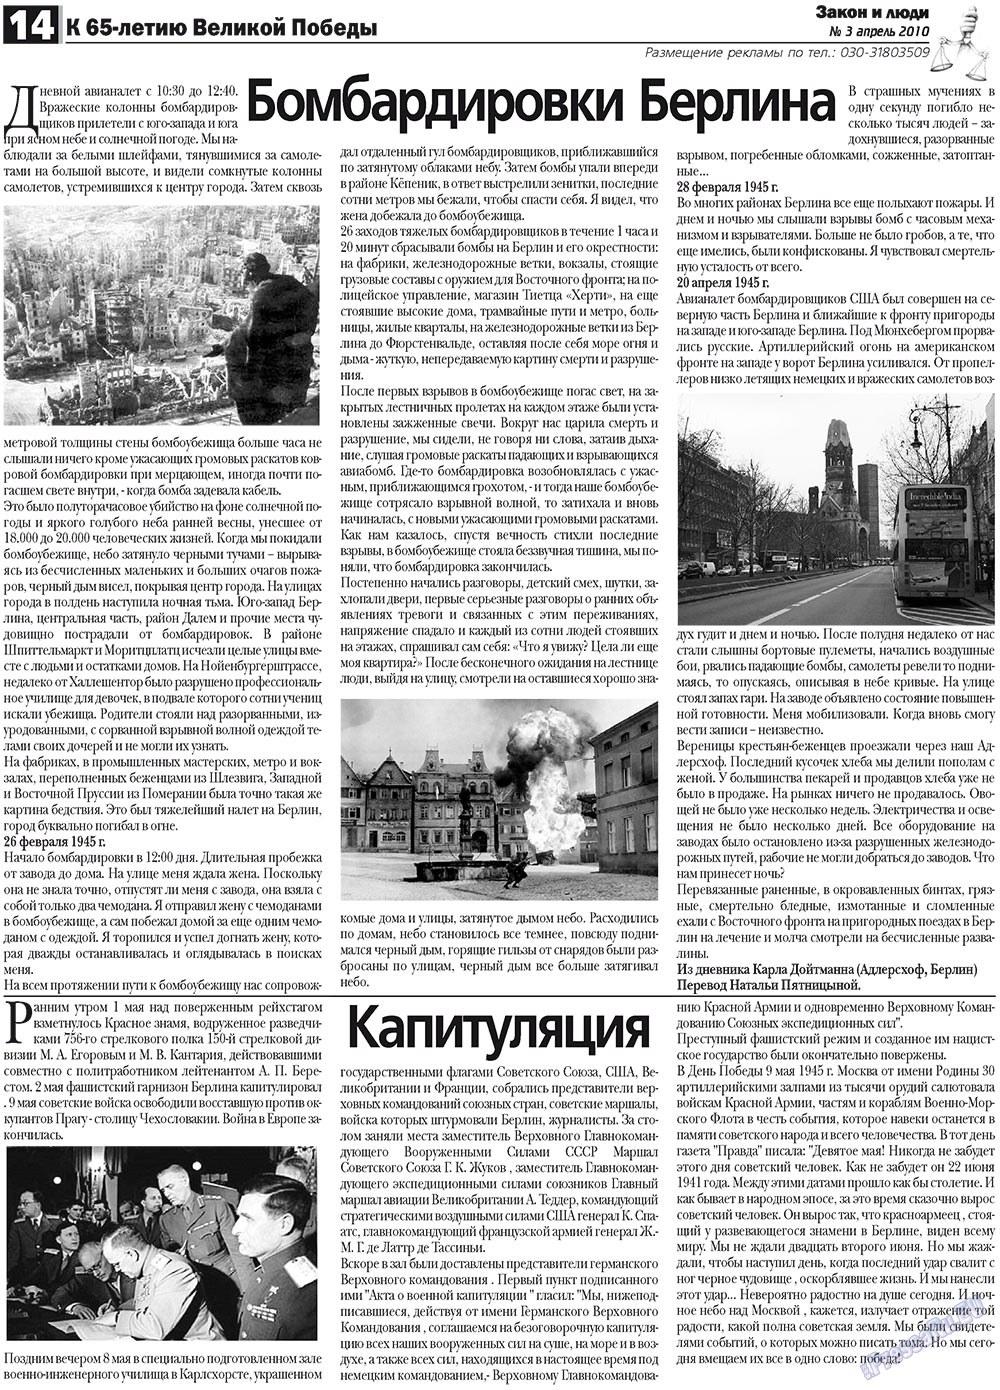 Закон и люди (газета). 2010 год, номер 3, стр. 14